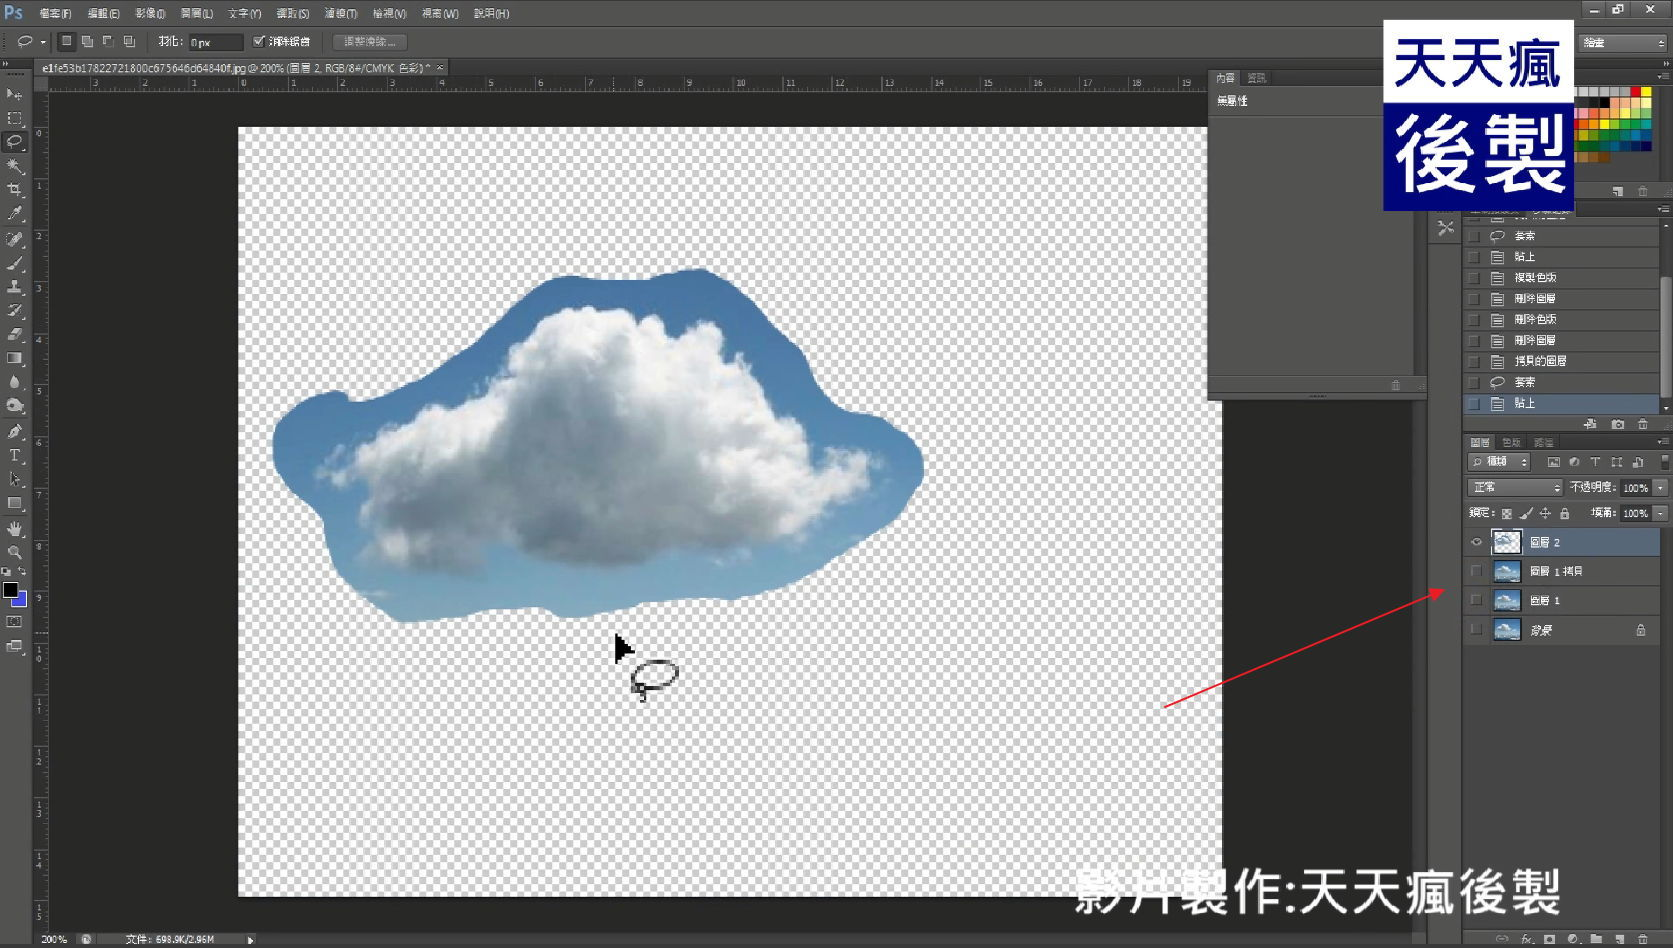 【云朵去背】PHOTOSHOP 色版去背天空云朵教学